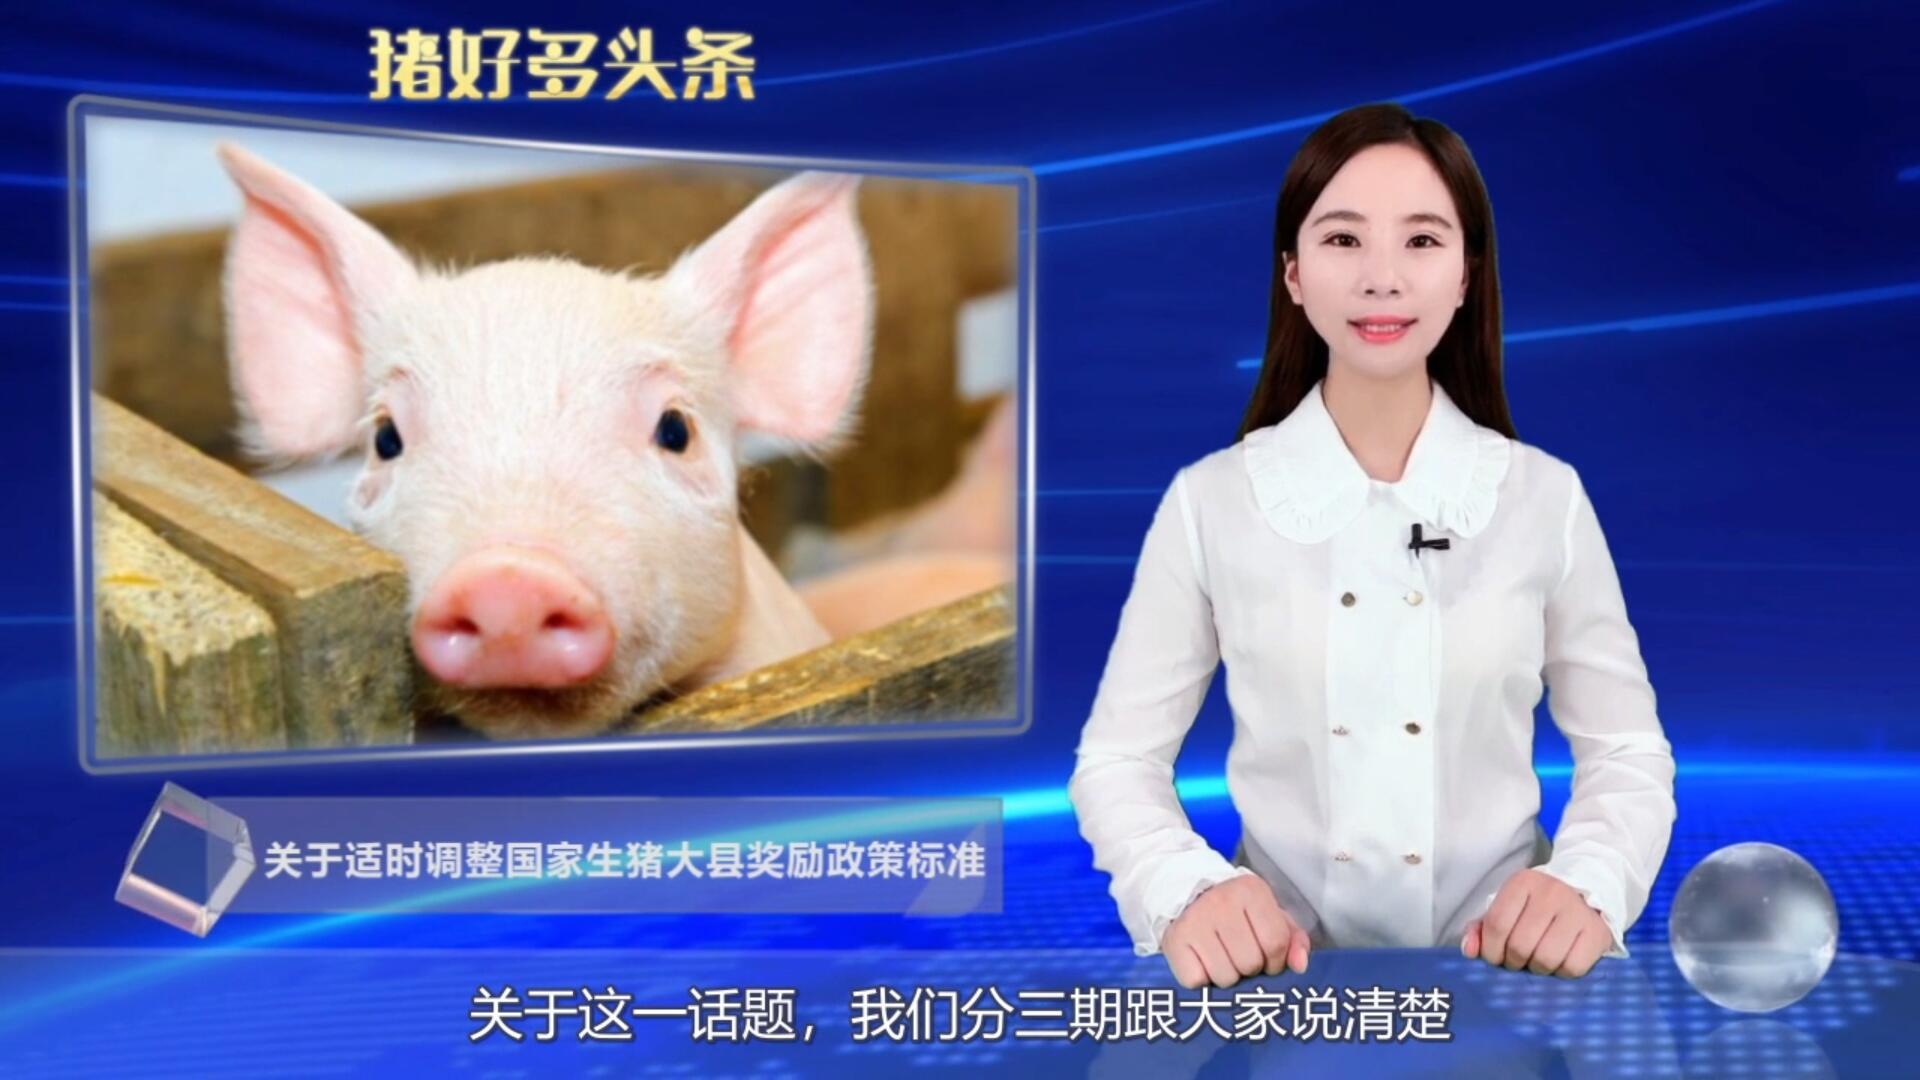 为促进生猪稳产保供,国家出台生猪大县奖励政策,参考哪些因素?